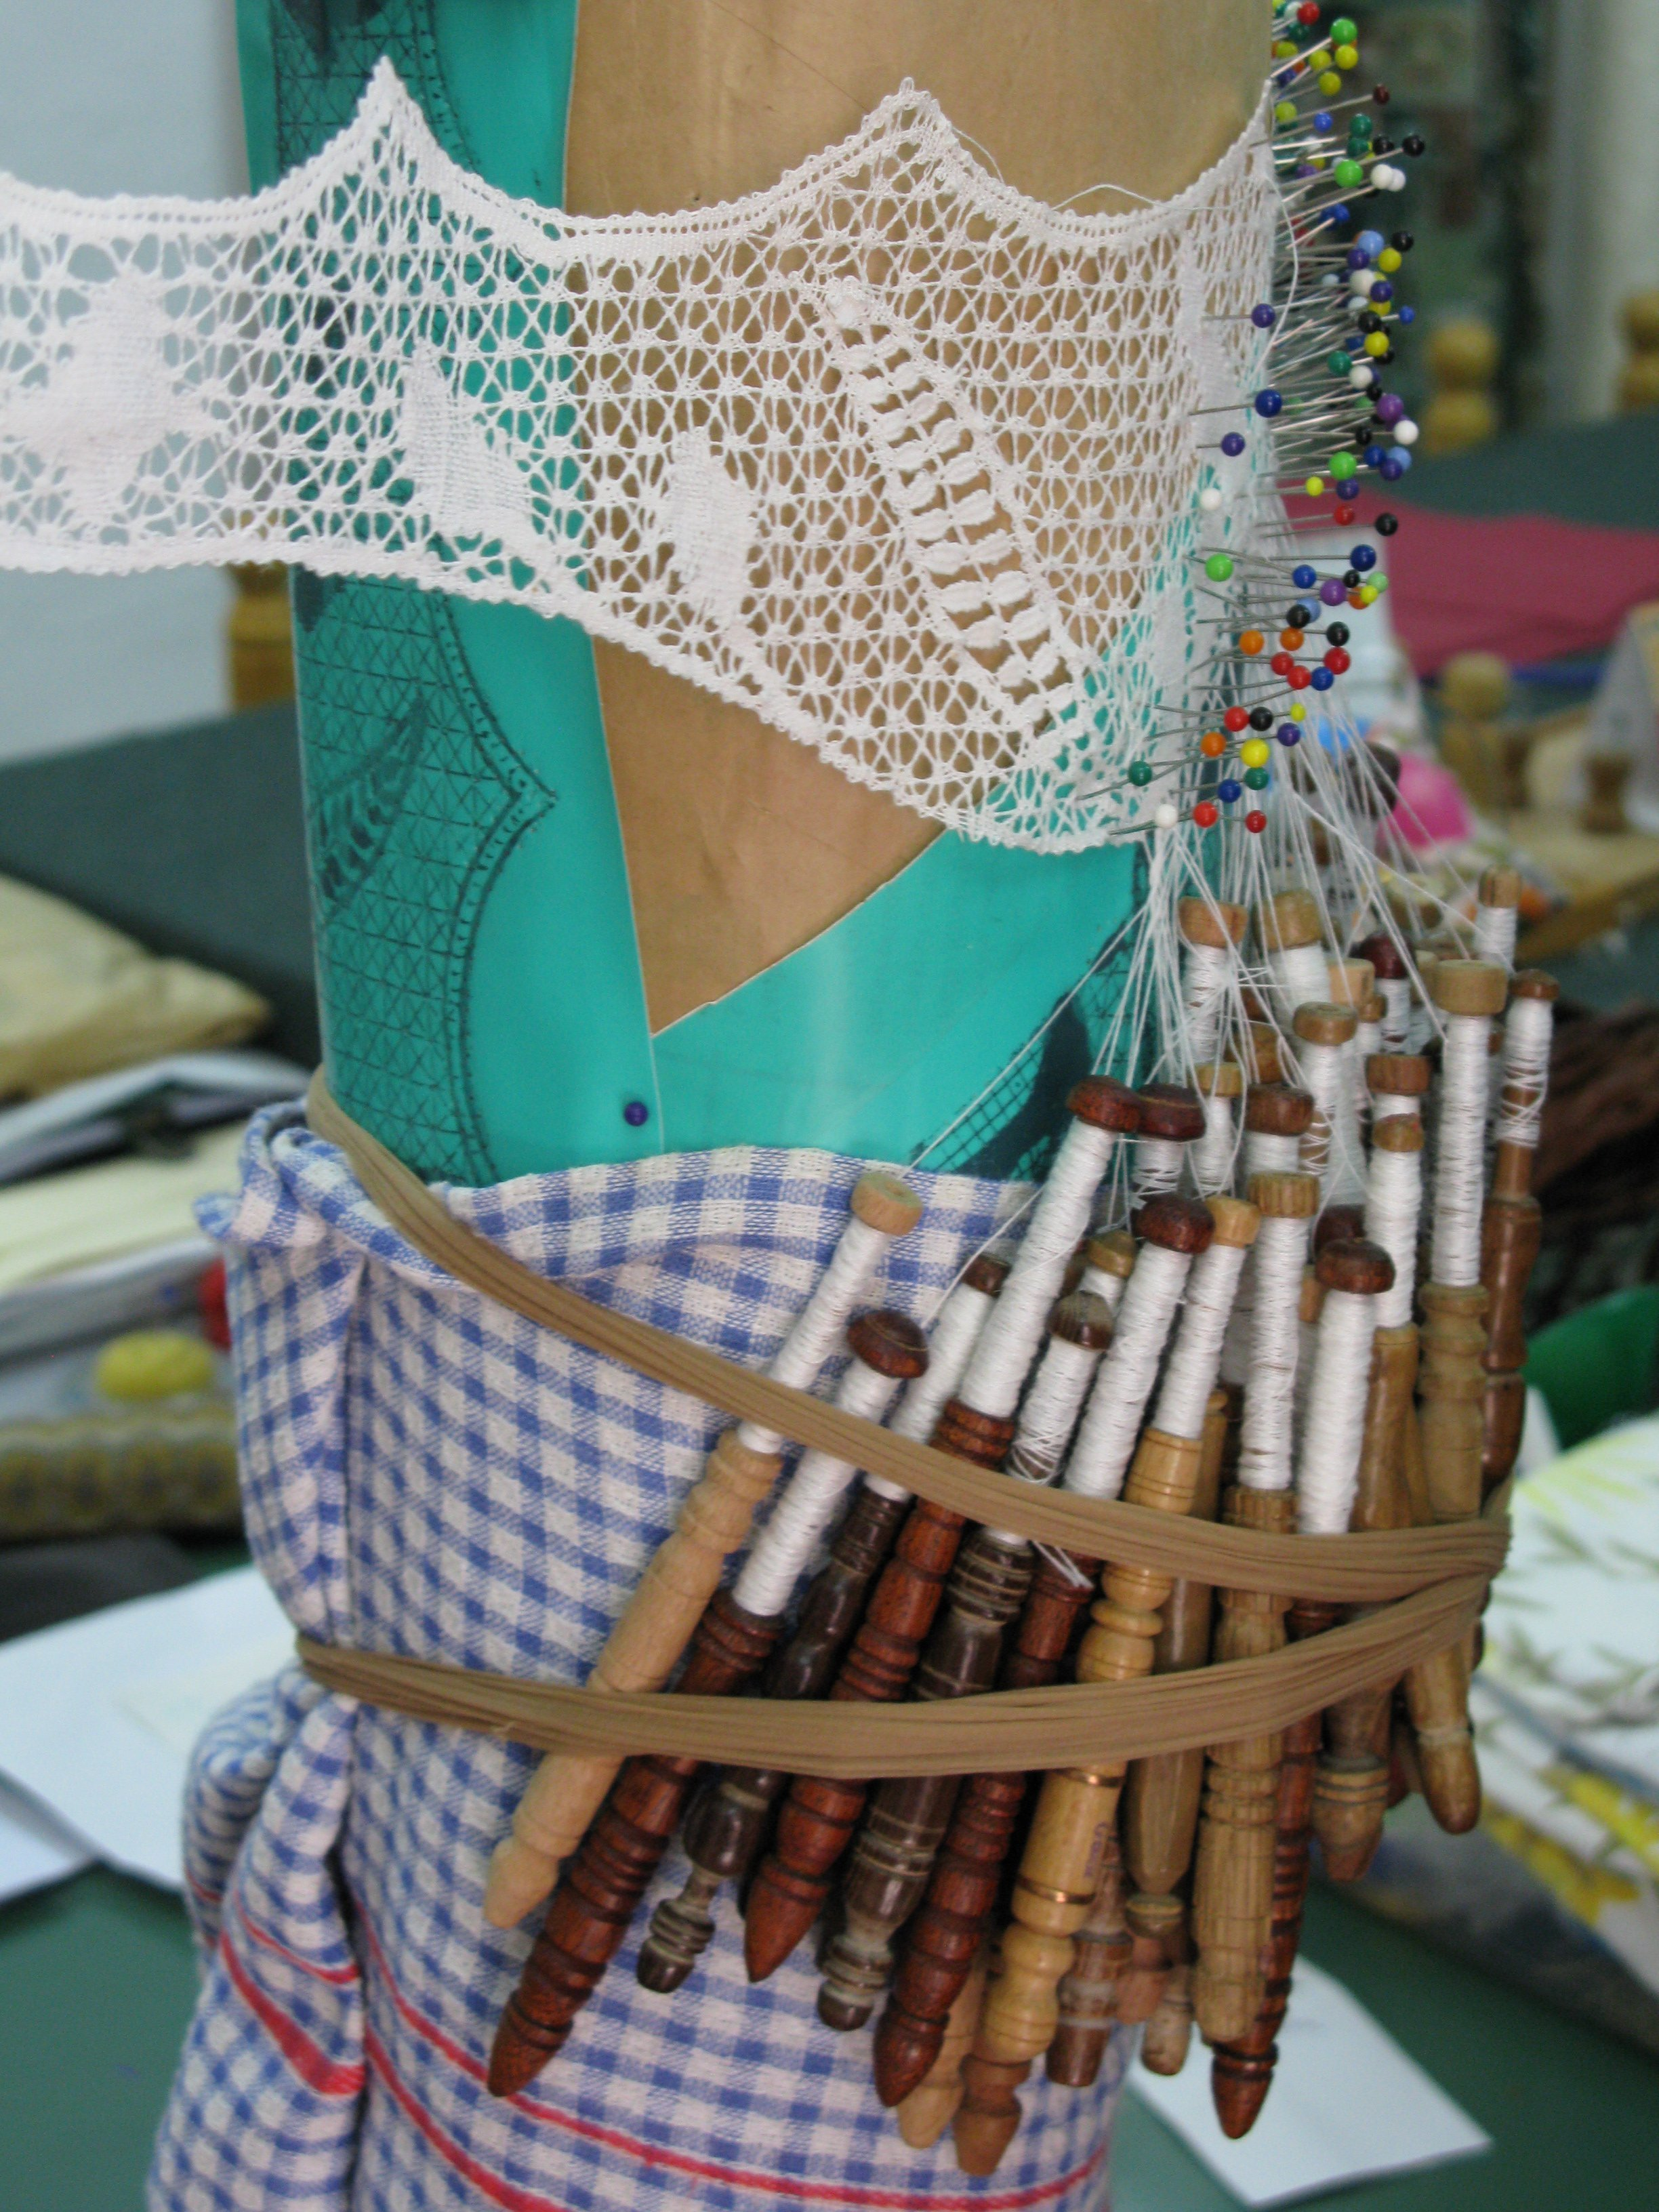 Maltese lace bobbins